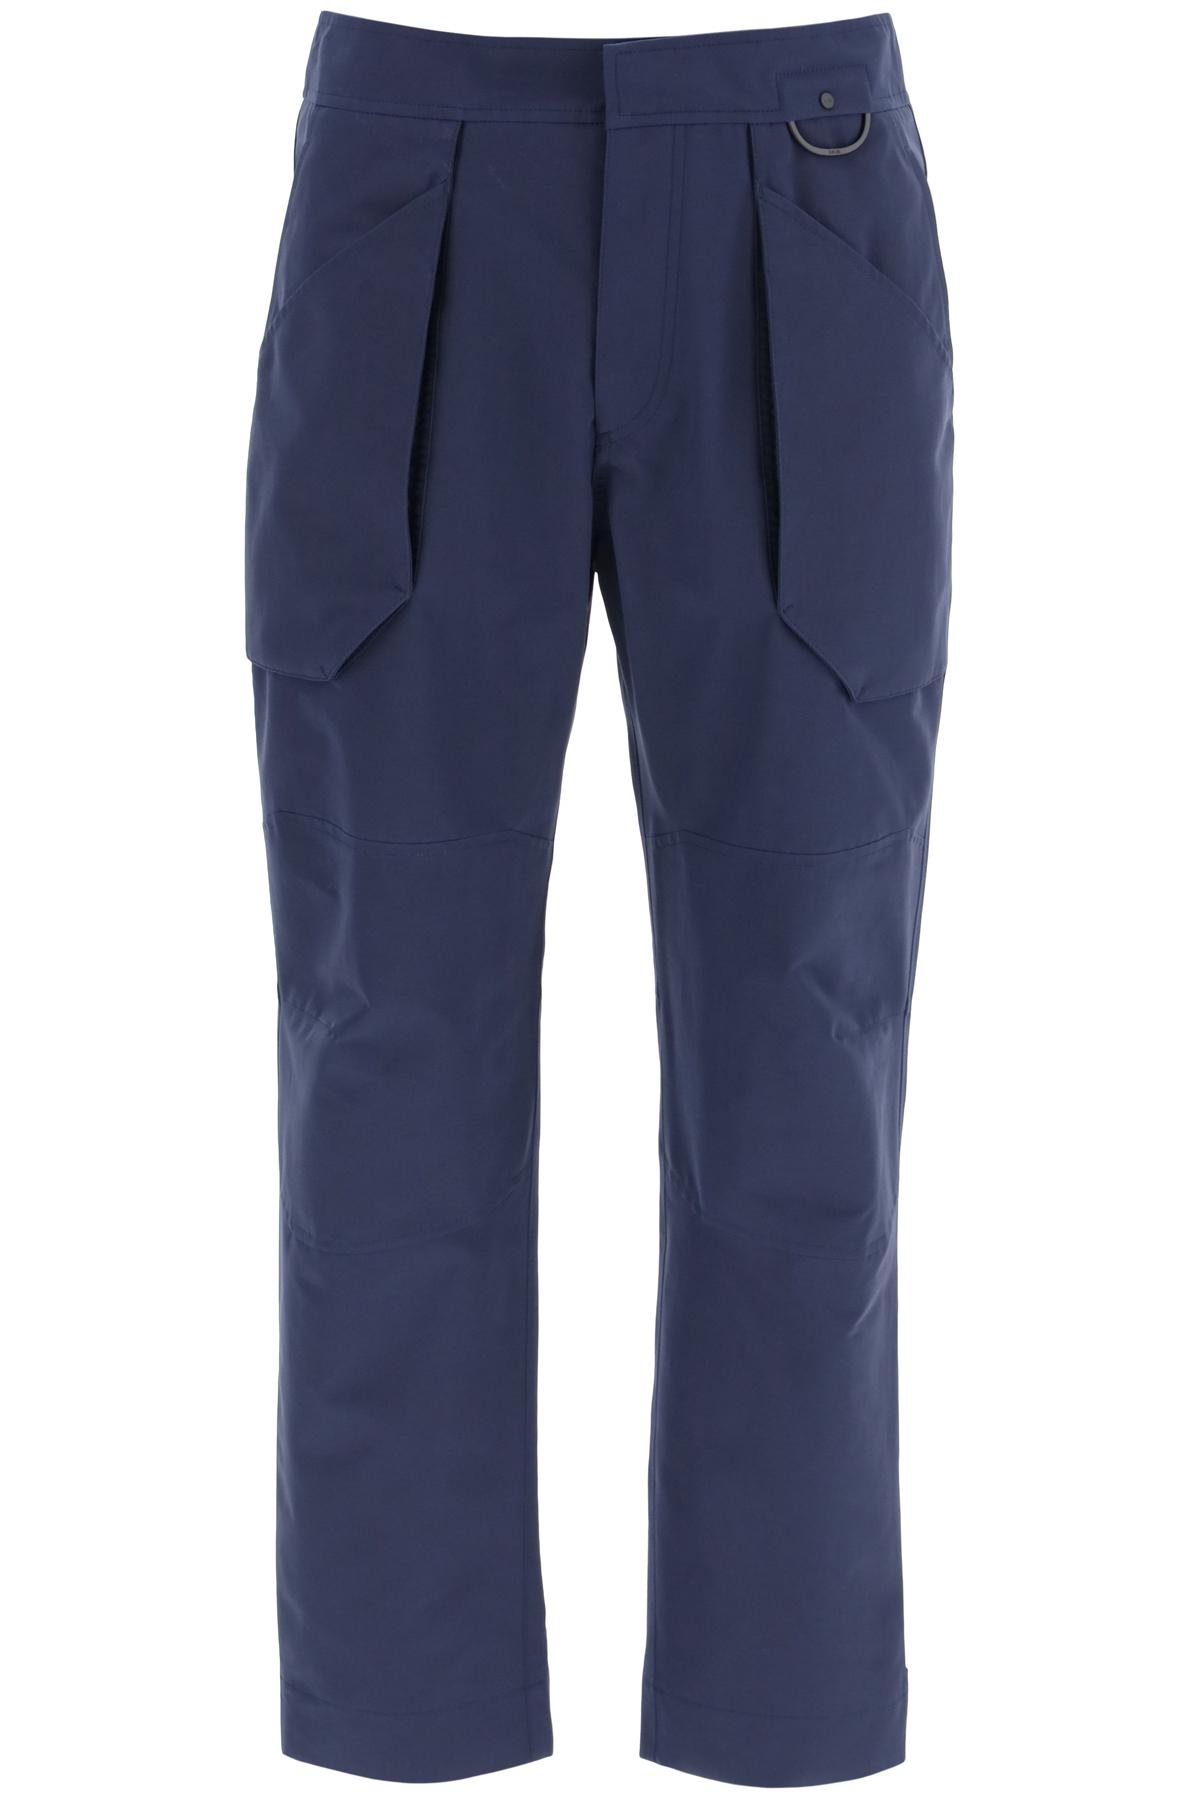 Dior pantaloni sportivi in faille di cotone tecnico